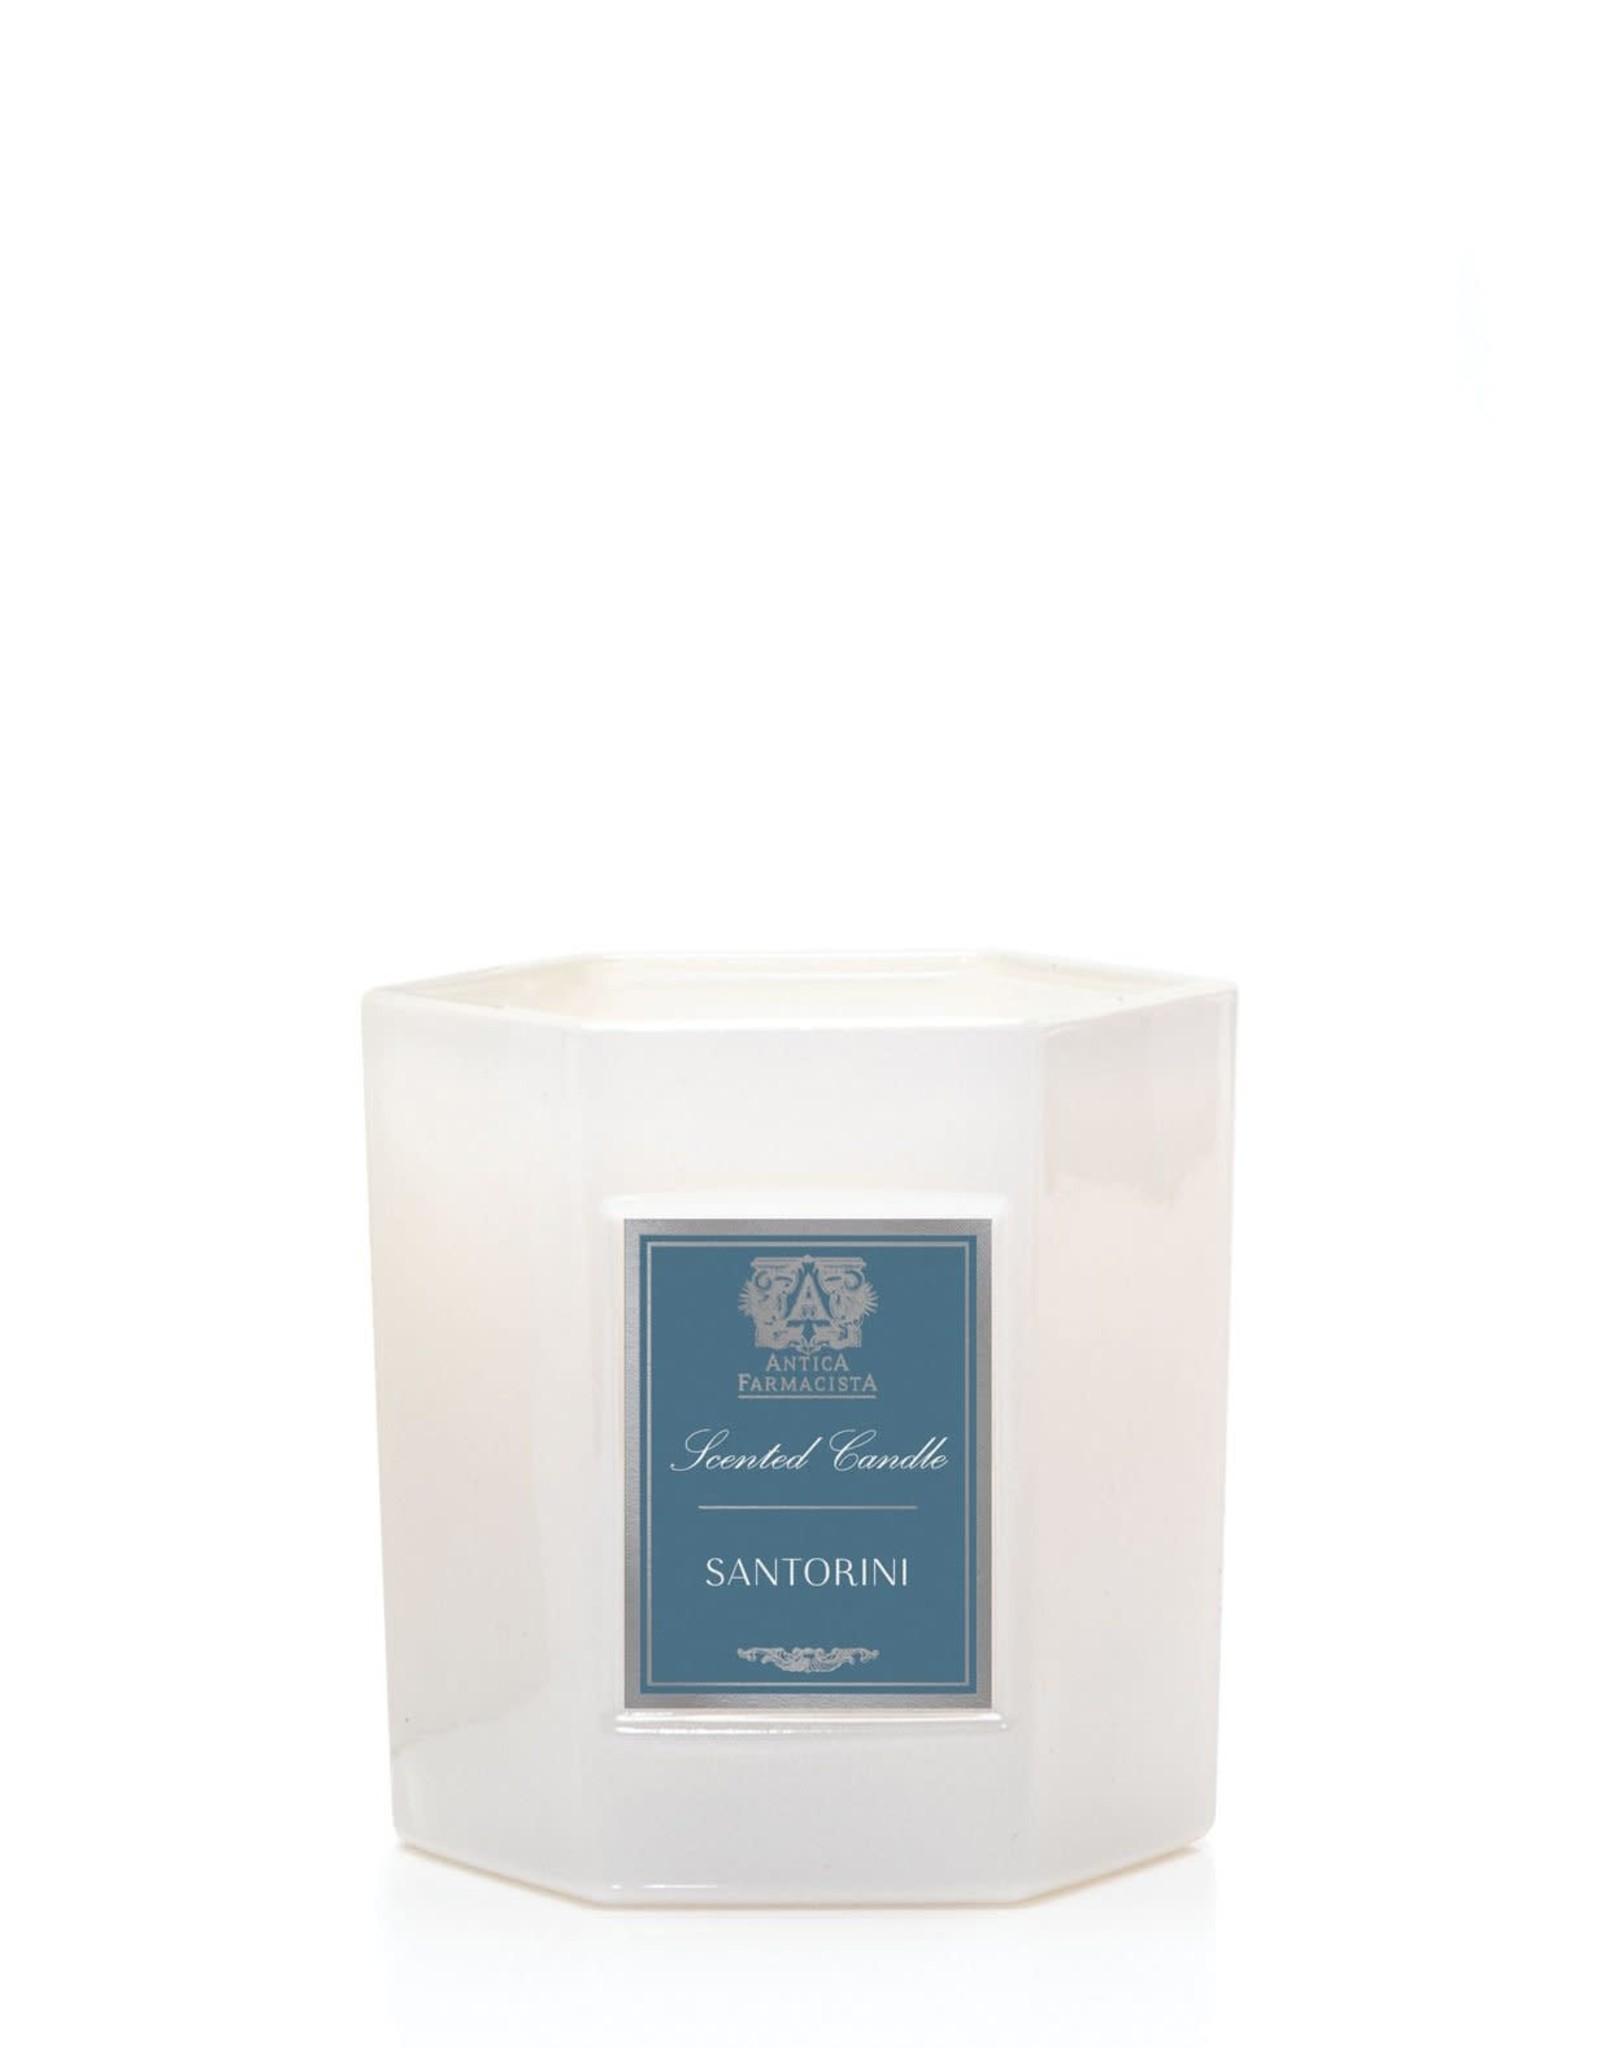 A-Farm Santorini Candle